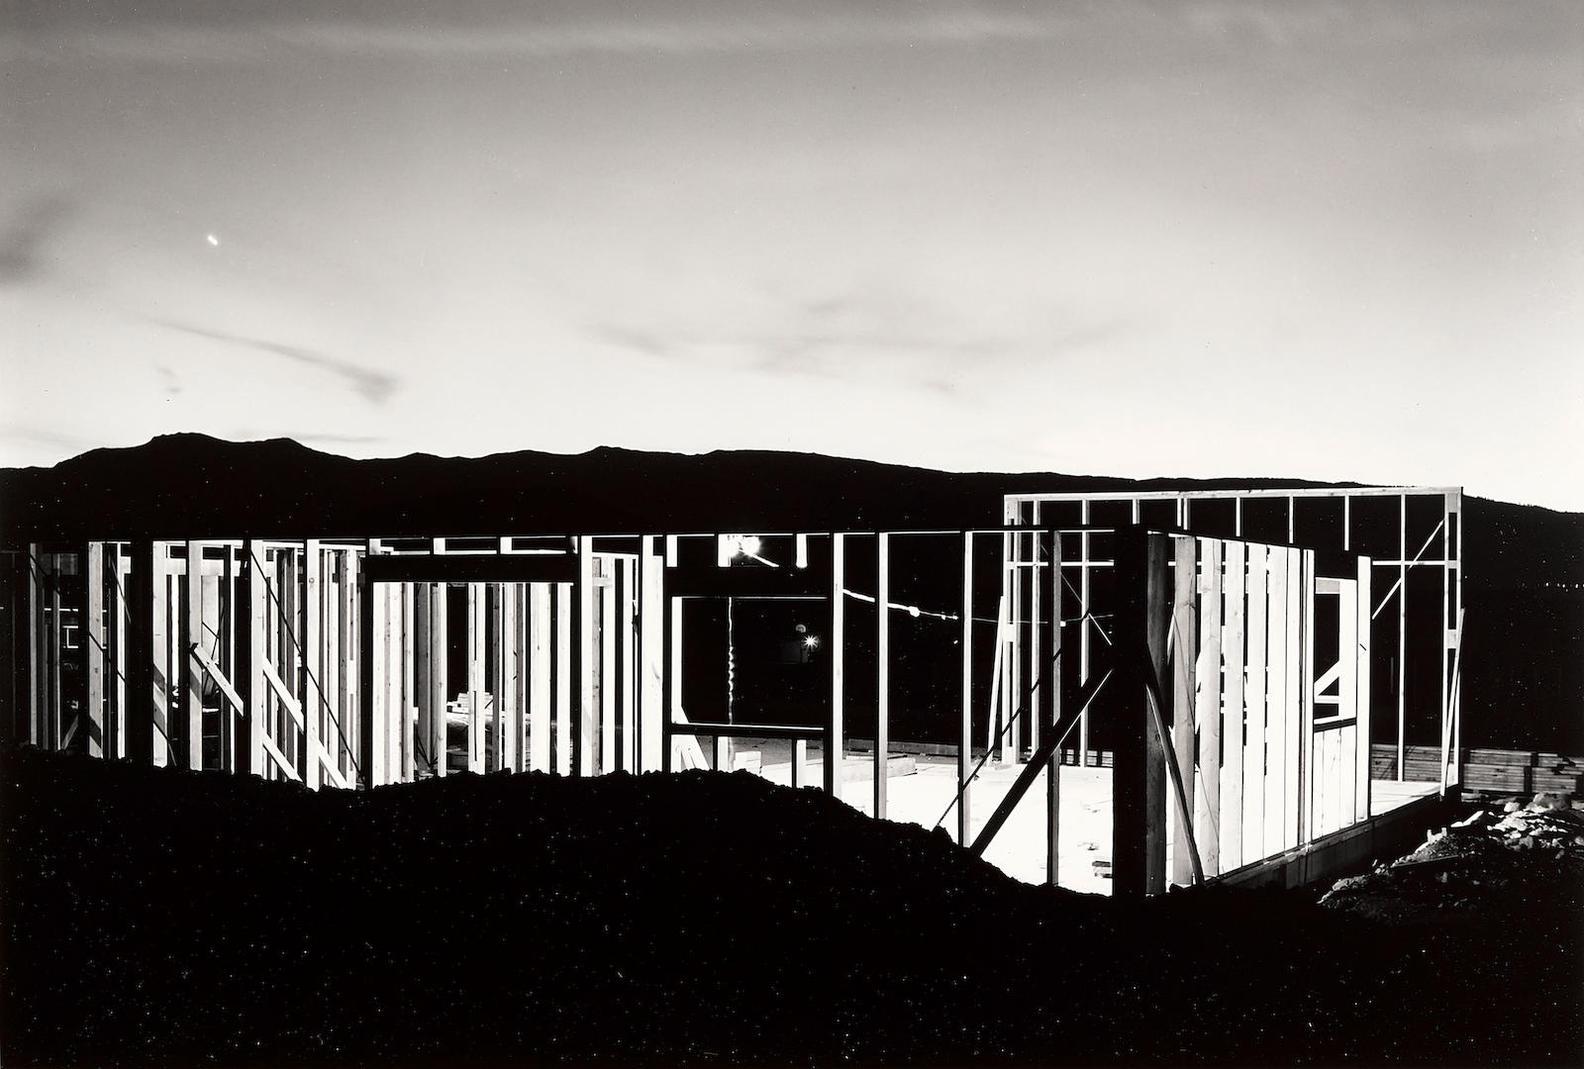 Lewis Baltz-Night Construction, Reno-1977